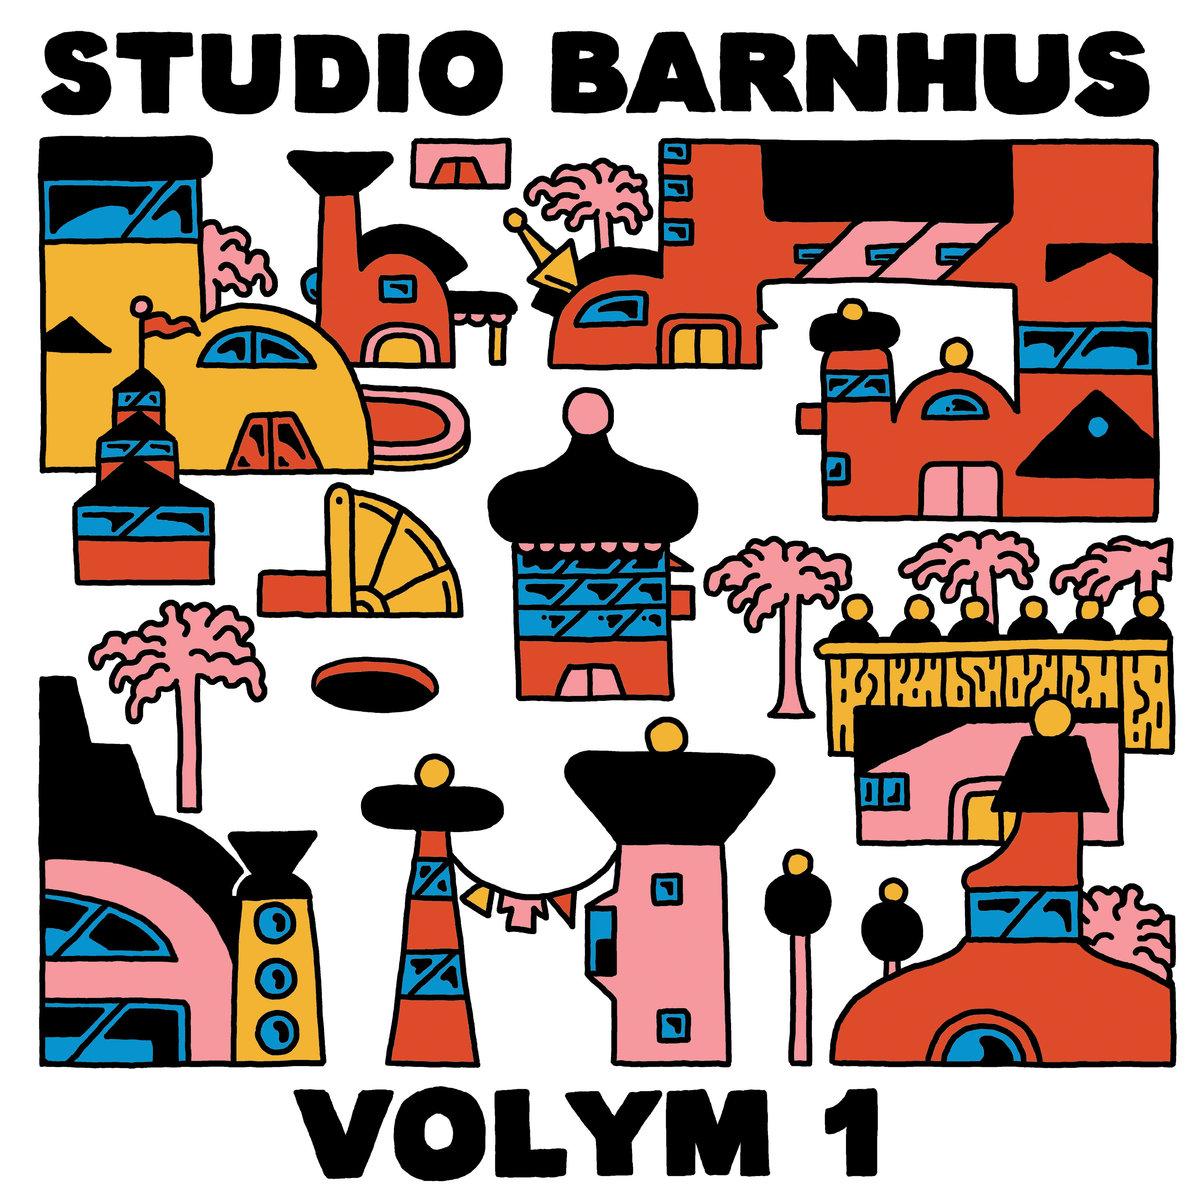 Album of the Week: Studio Barnhus Volym 1